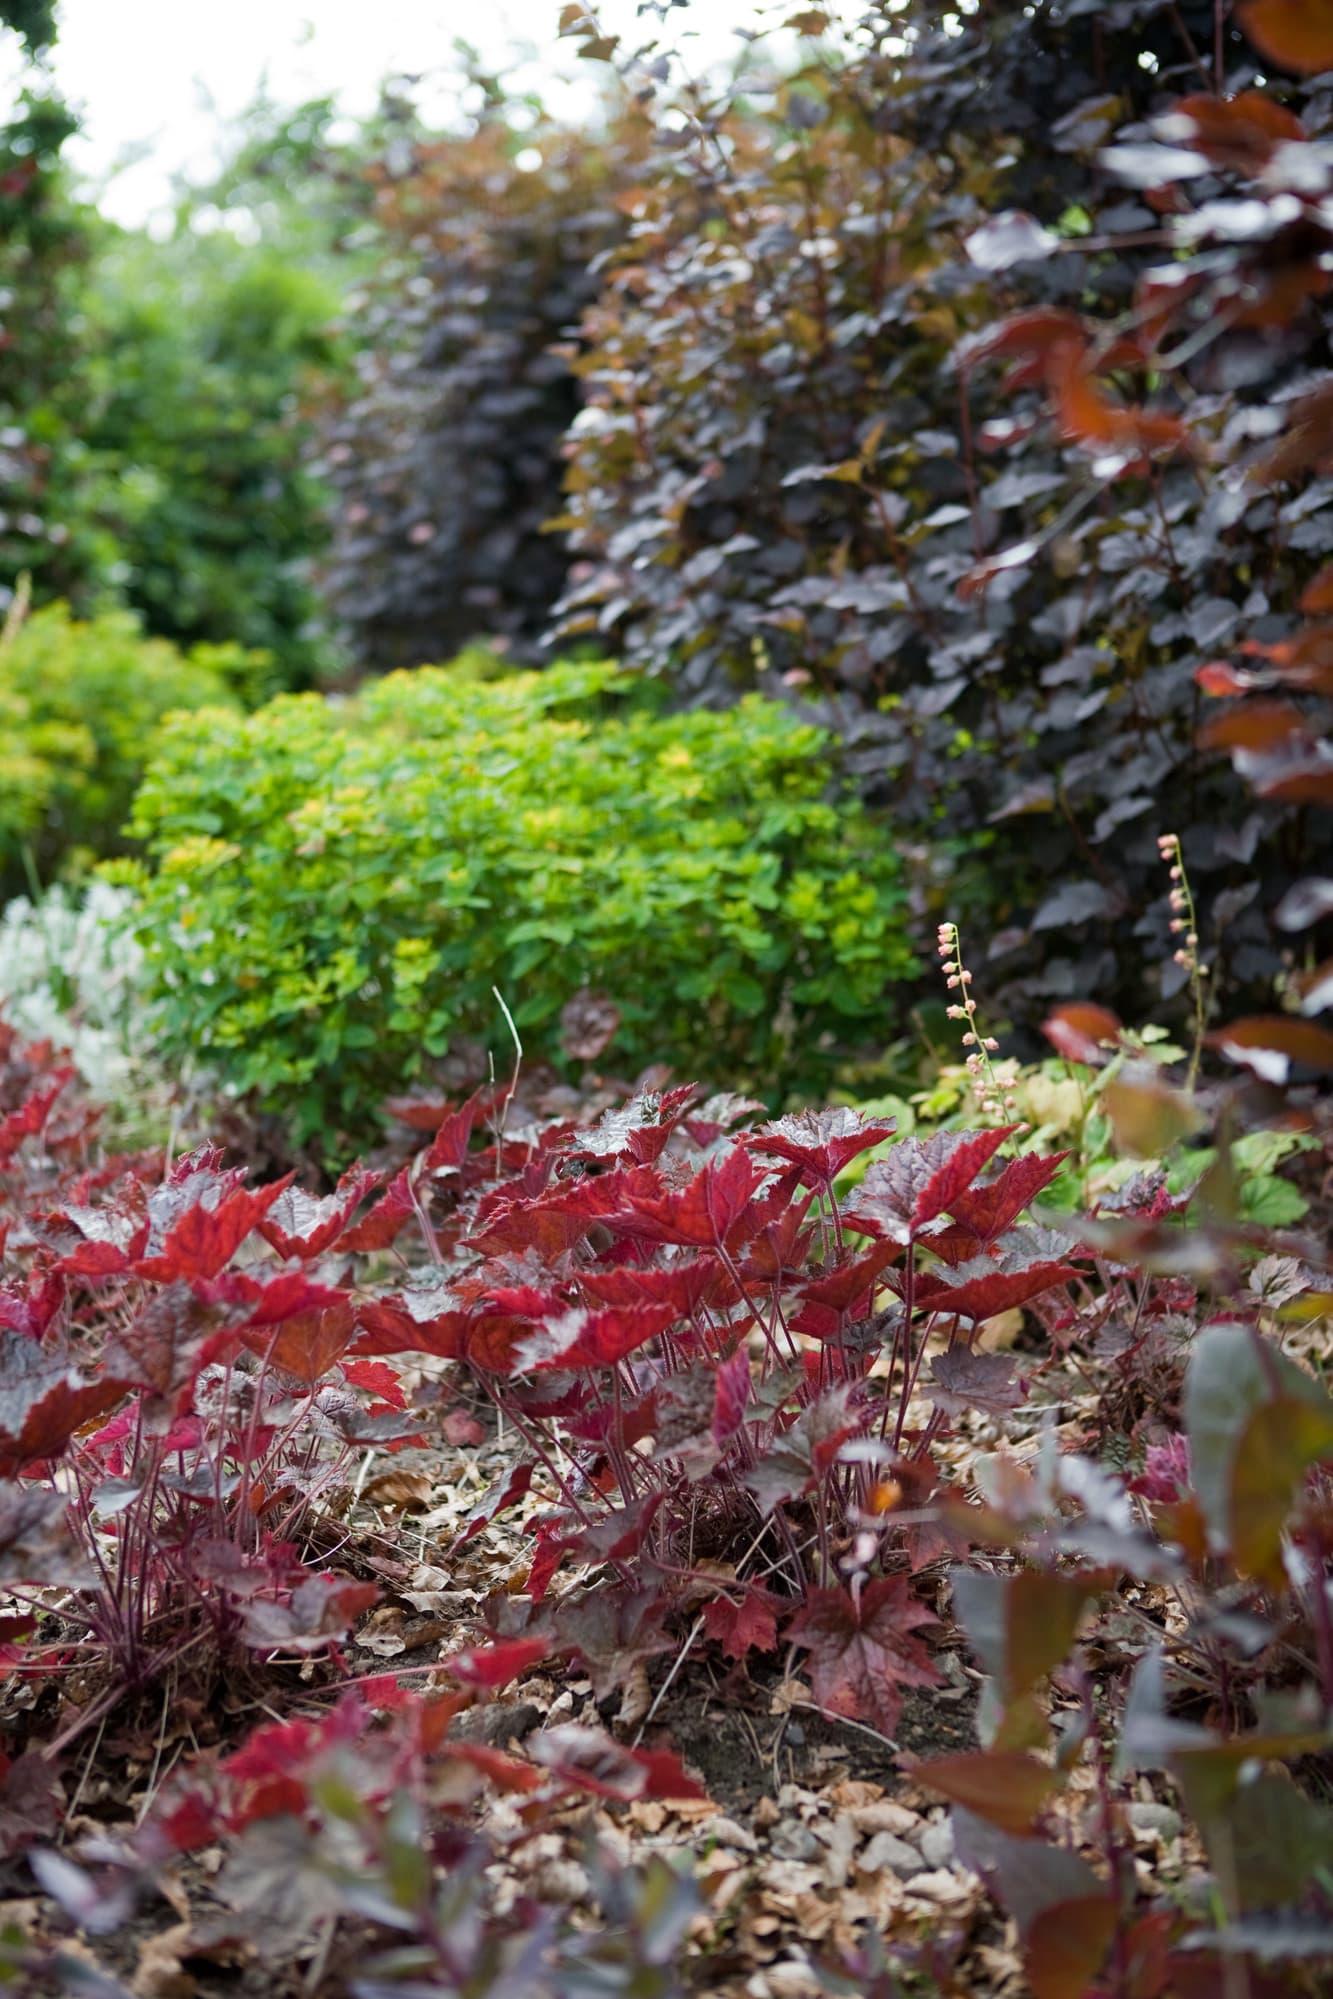 Det svarta hålet. Längst fram Alunrot Heuchera micrantha `Palace Purple´, den gulgröna töreln Euphorbia (namn okänt) i fin kontrast till den höga mörkbladiga smällspirean Physocarpus opolifolius `Diablo´.